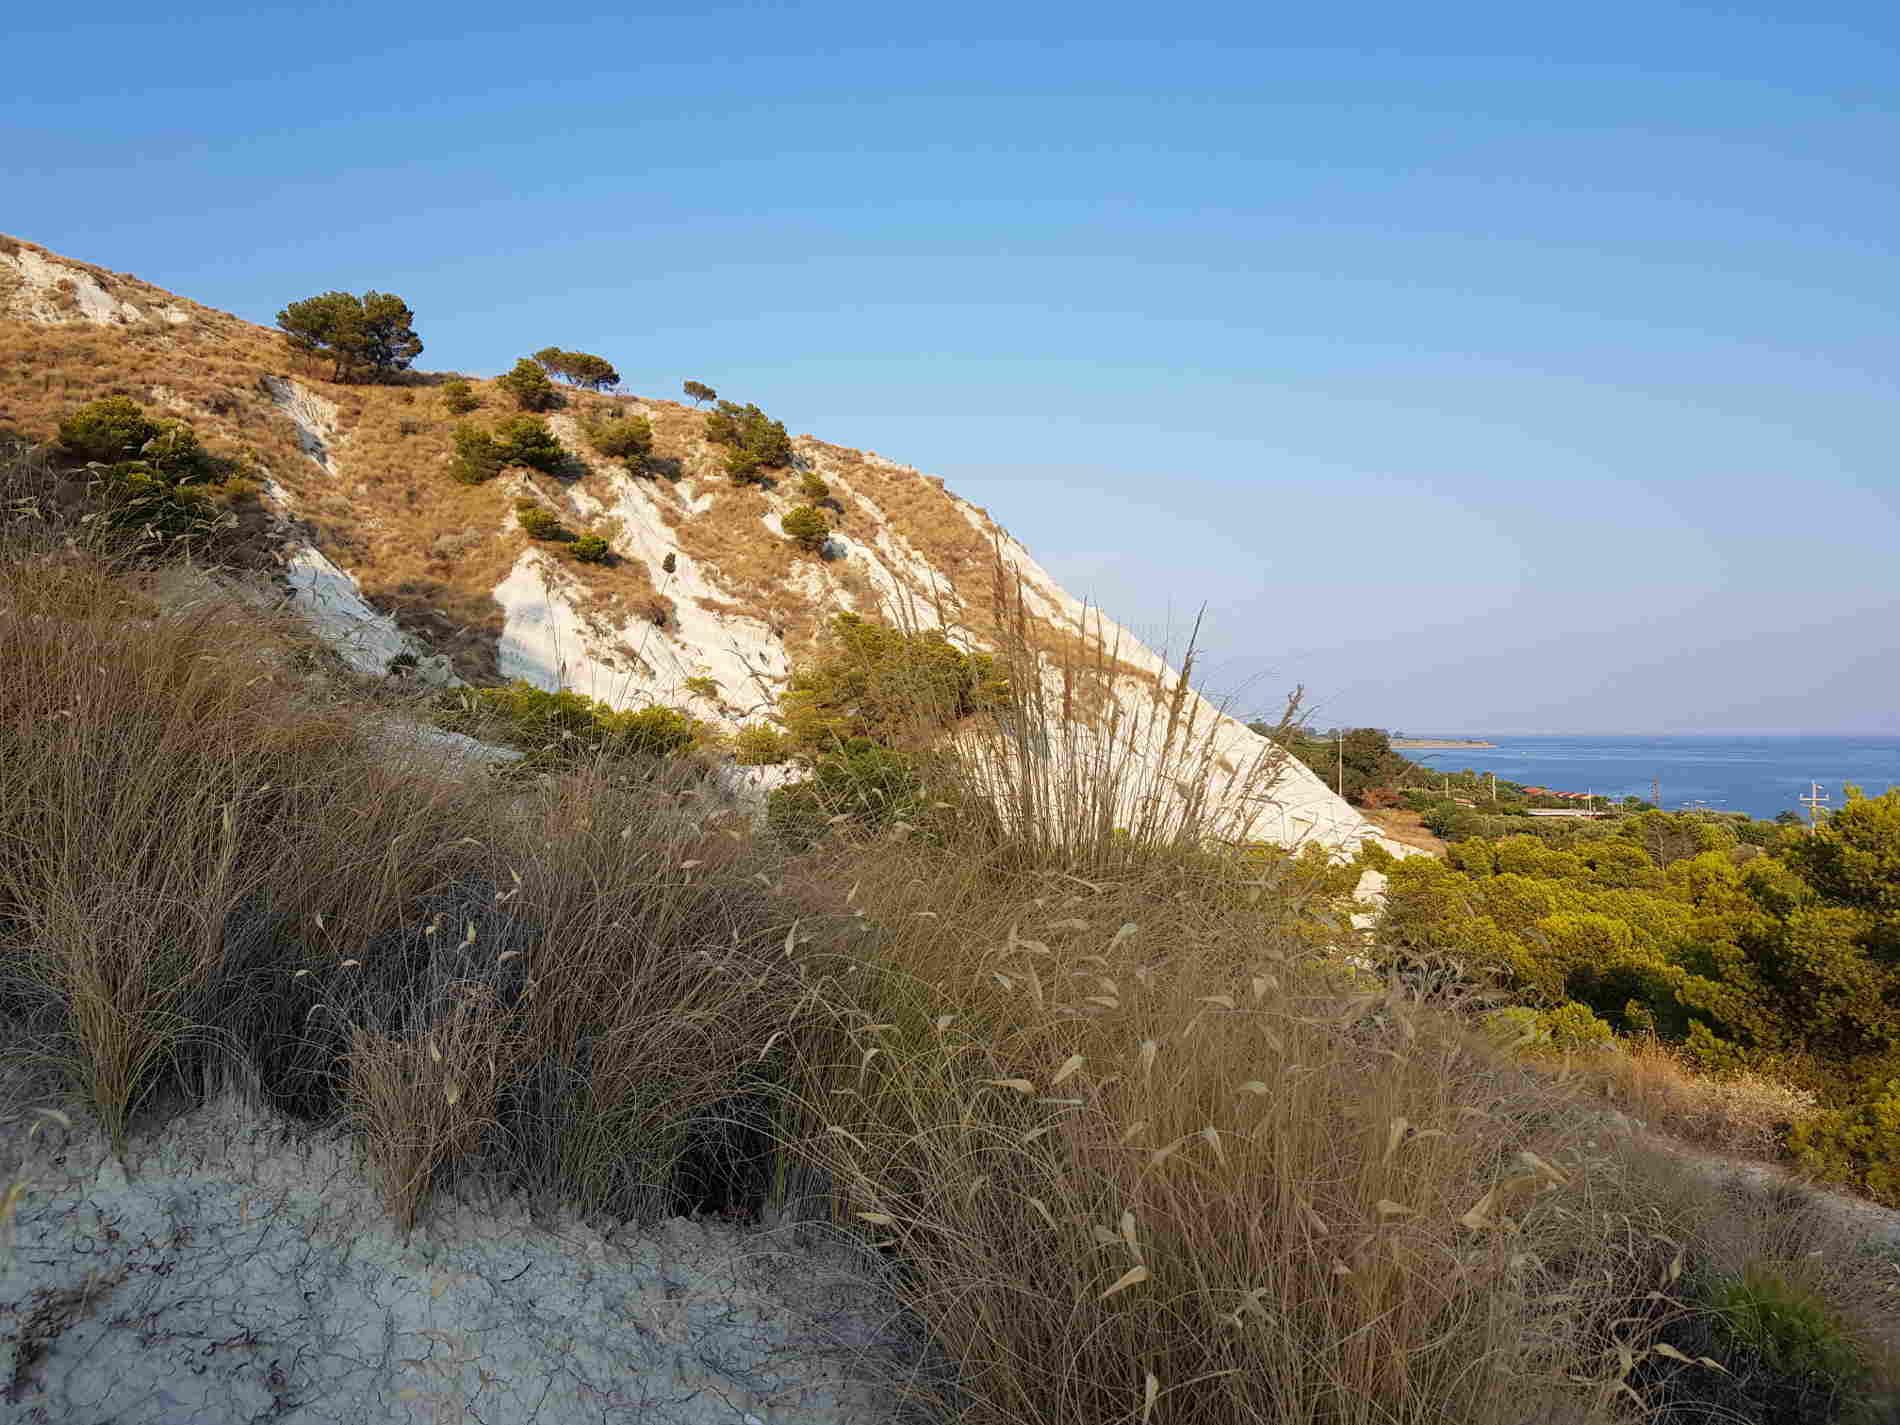 Sito di Interesse Comunitario Calanchi Bianchi di Palizzi Marina Reggio Calabria